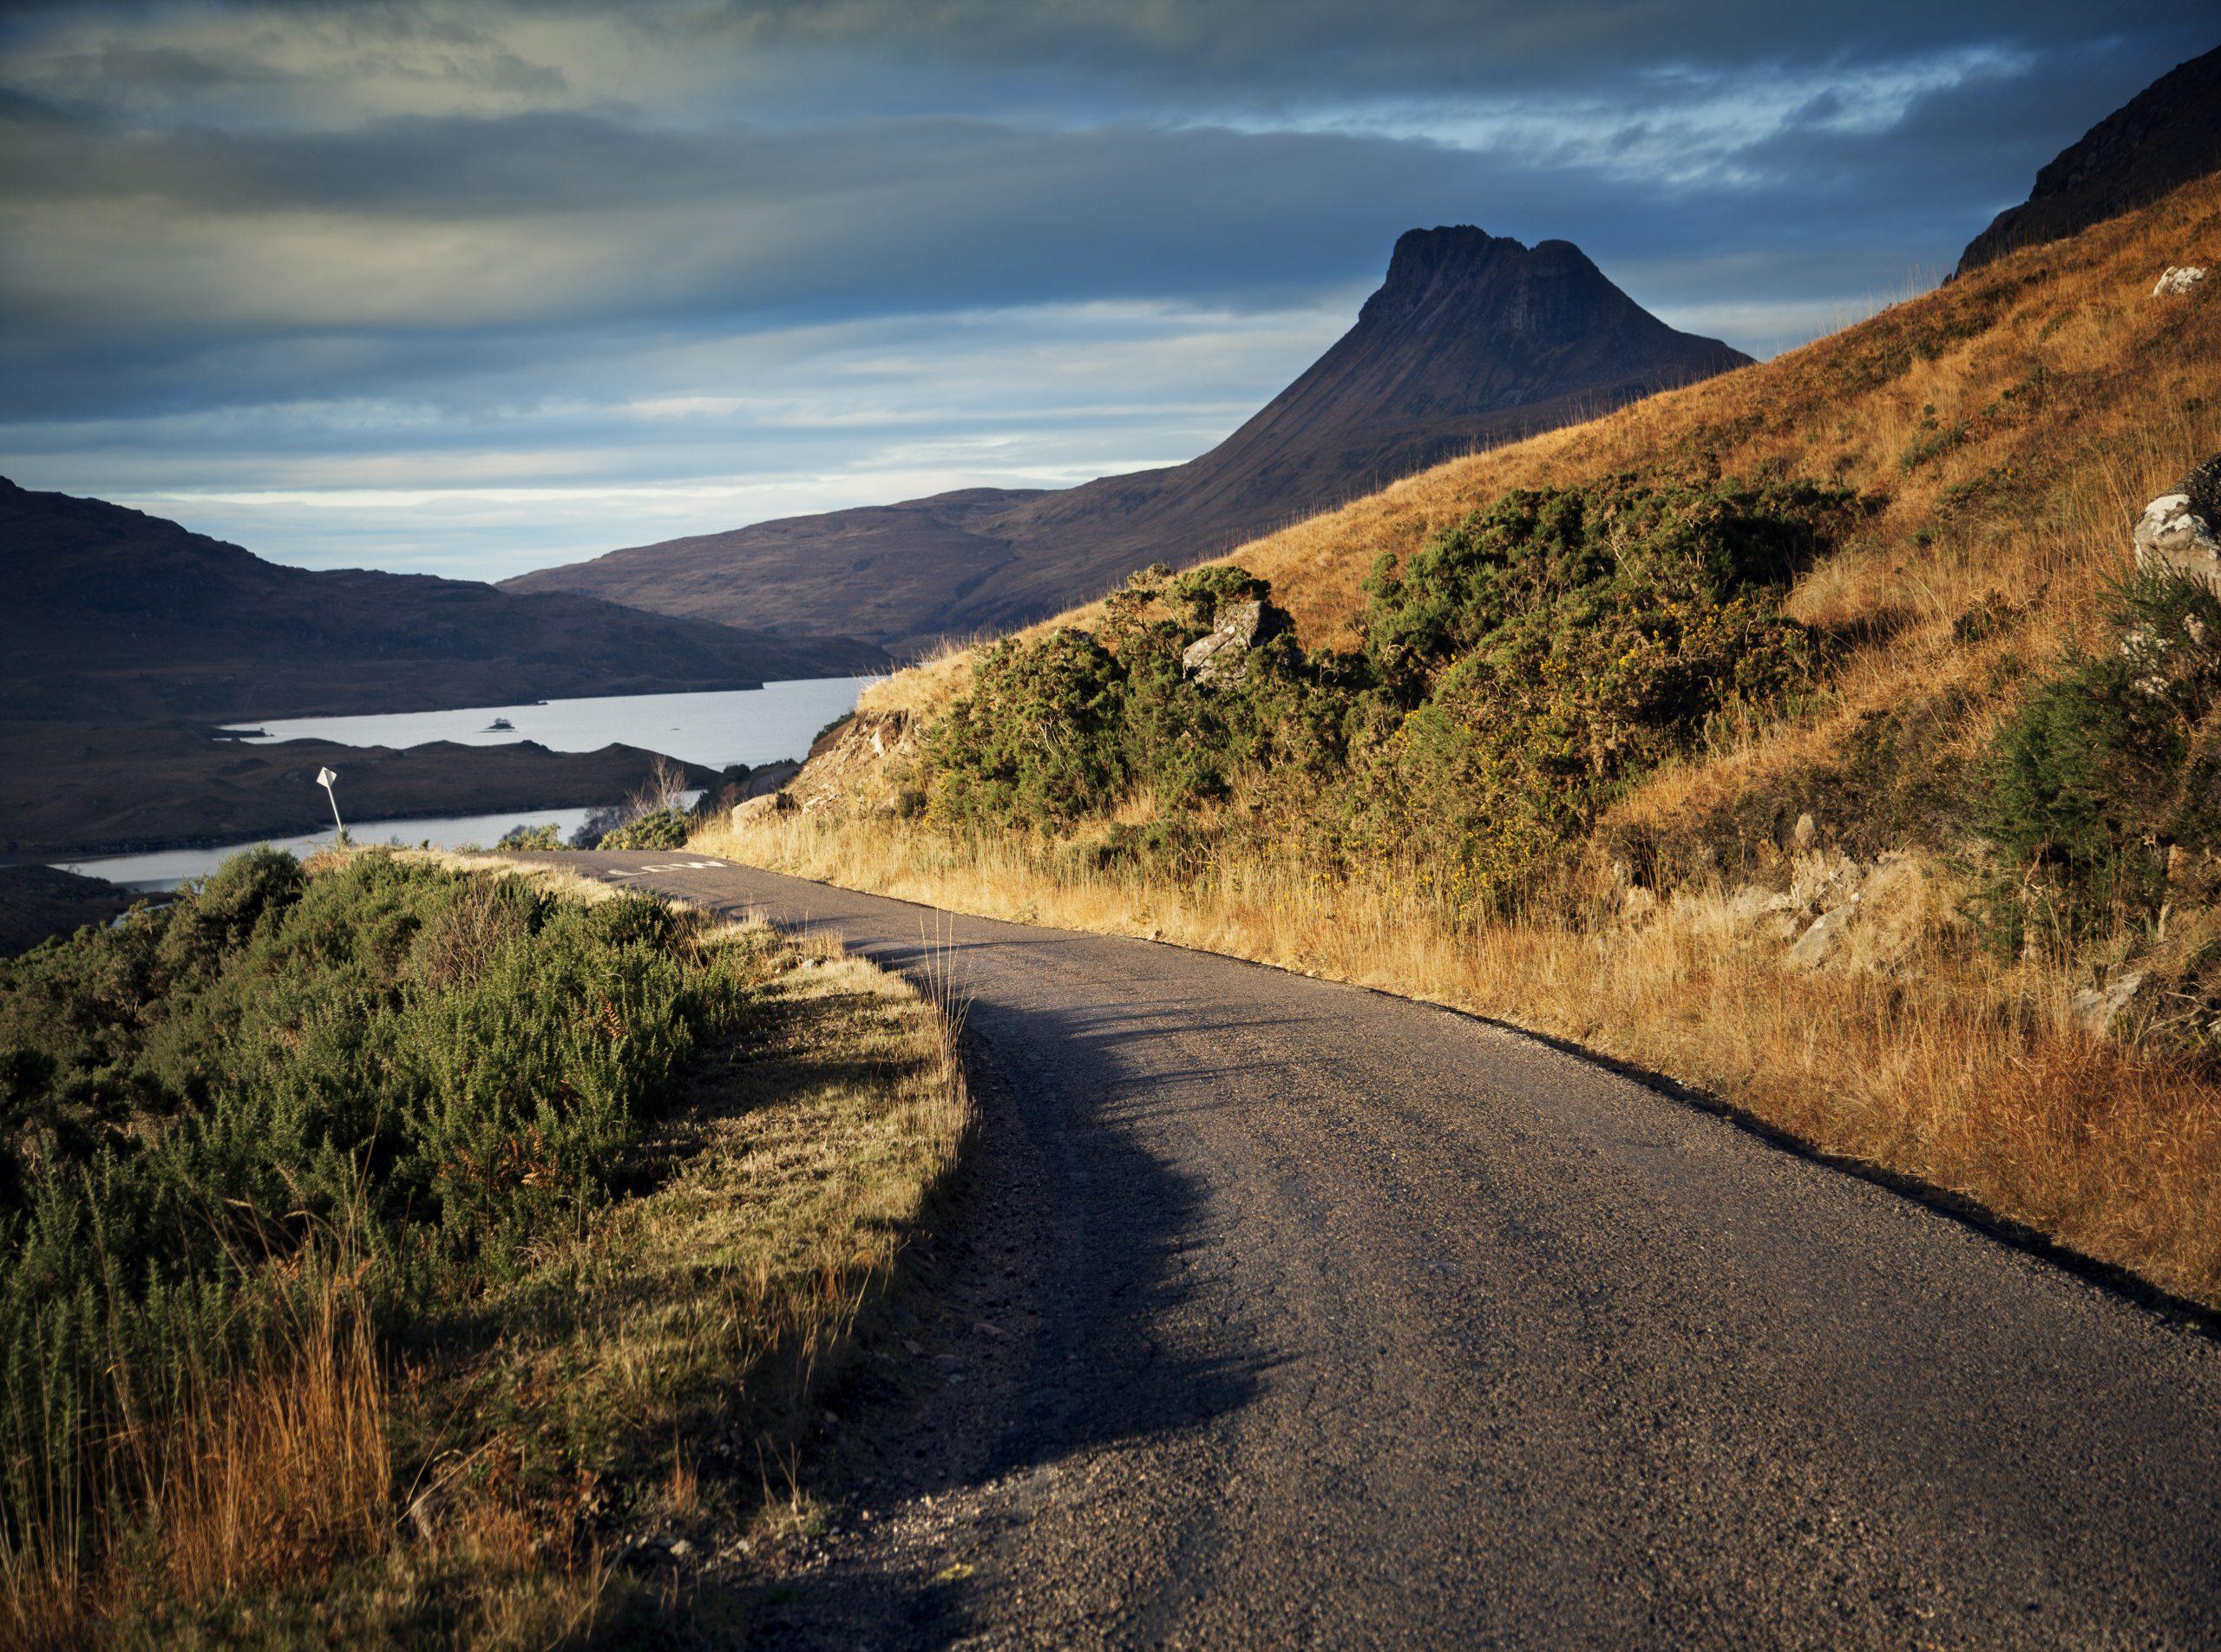 Landelijke weg en uitzicht op Stac Pollaidh